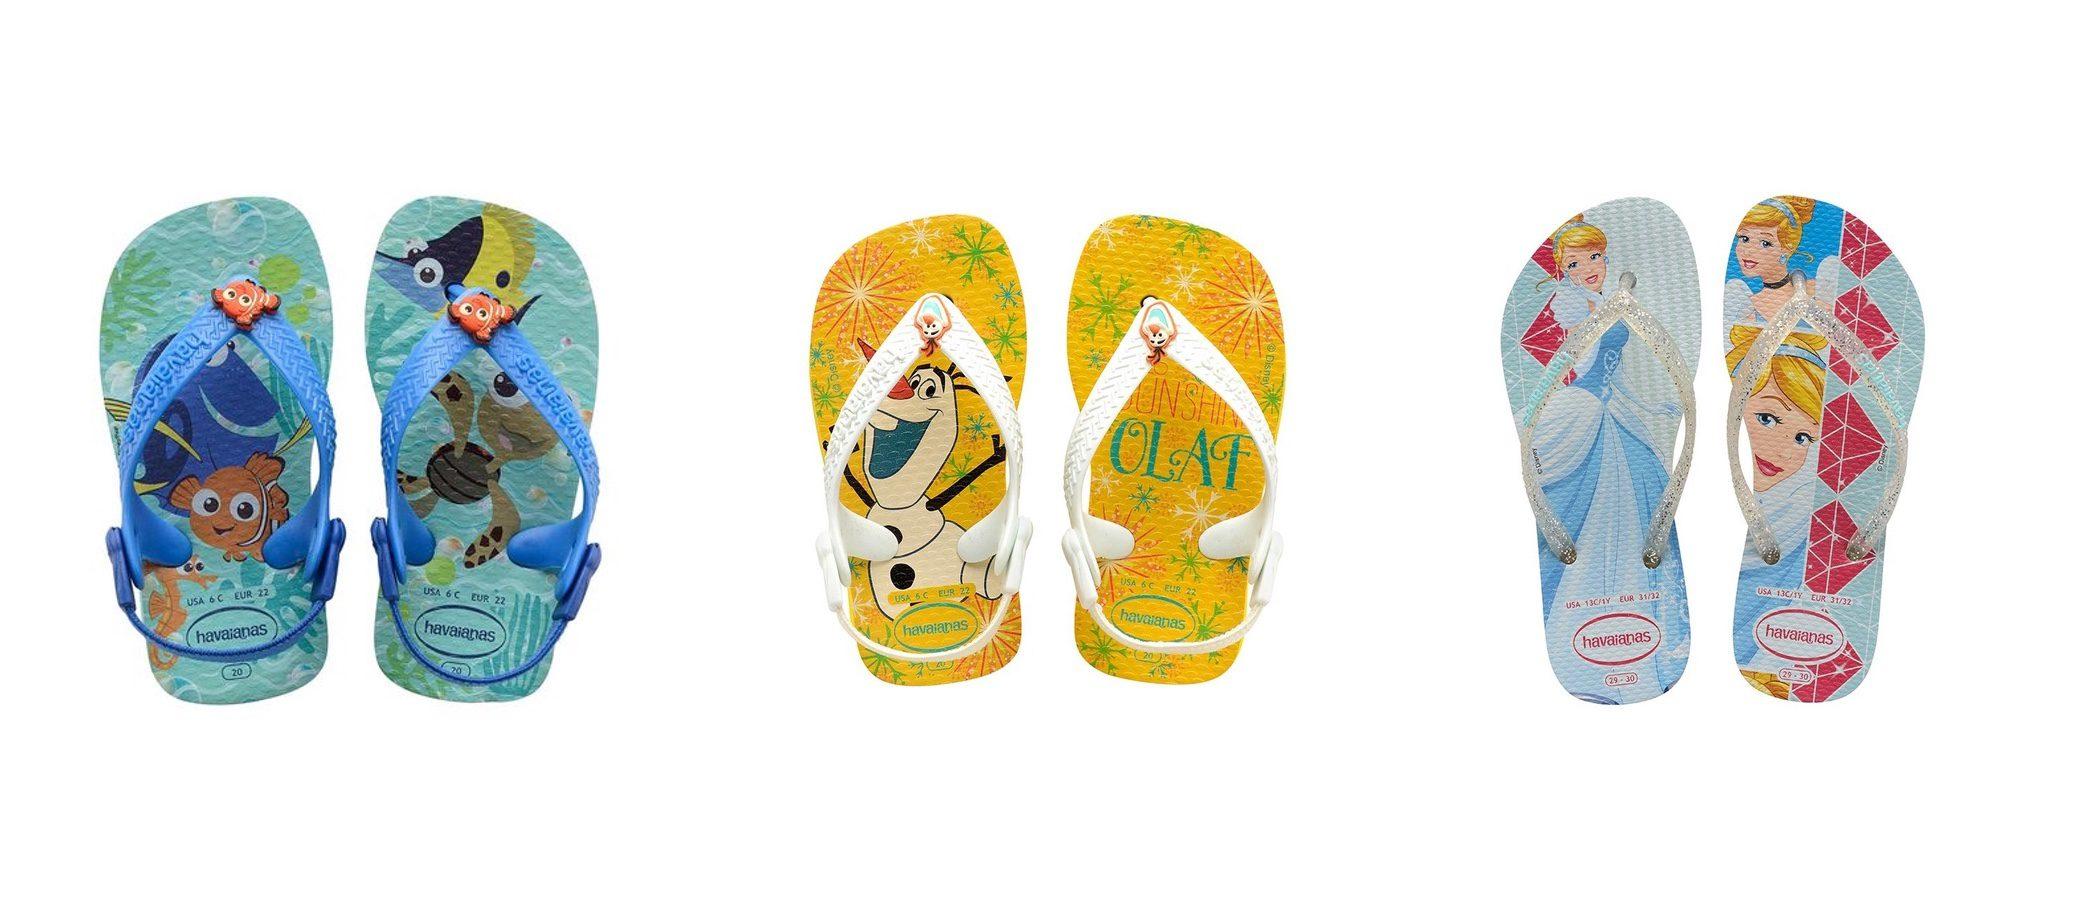 Havaianas anima la primavera/verano 2017 con su nuevo calzado para niños